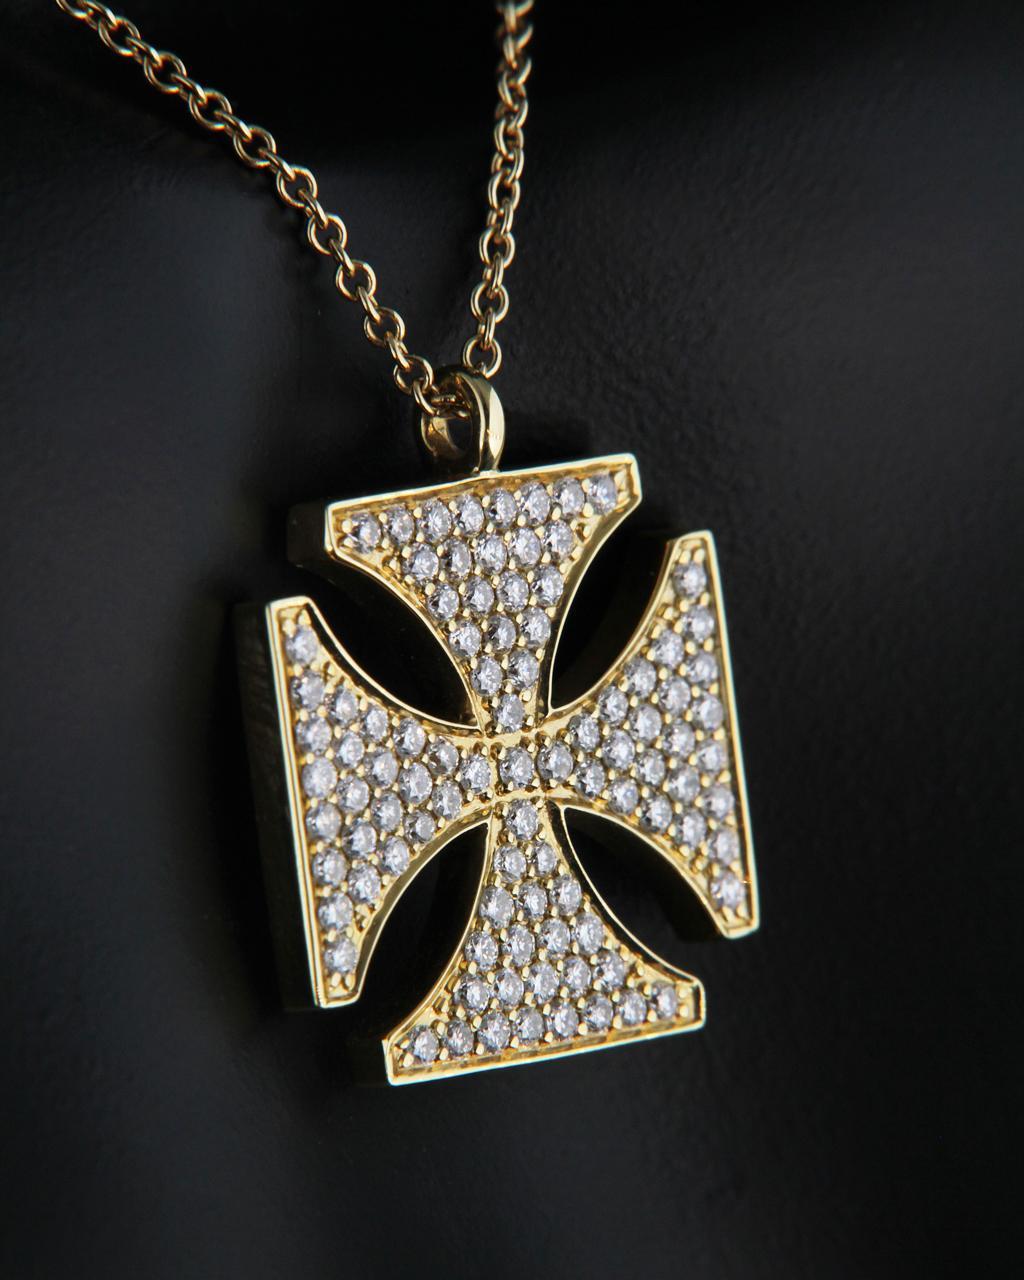 Σταυρός χρυσός Κ18 με Διαμάντια   γυναικα σταυροί γυναικείοι σταυροί με διαμάντια